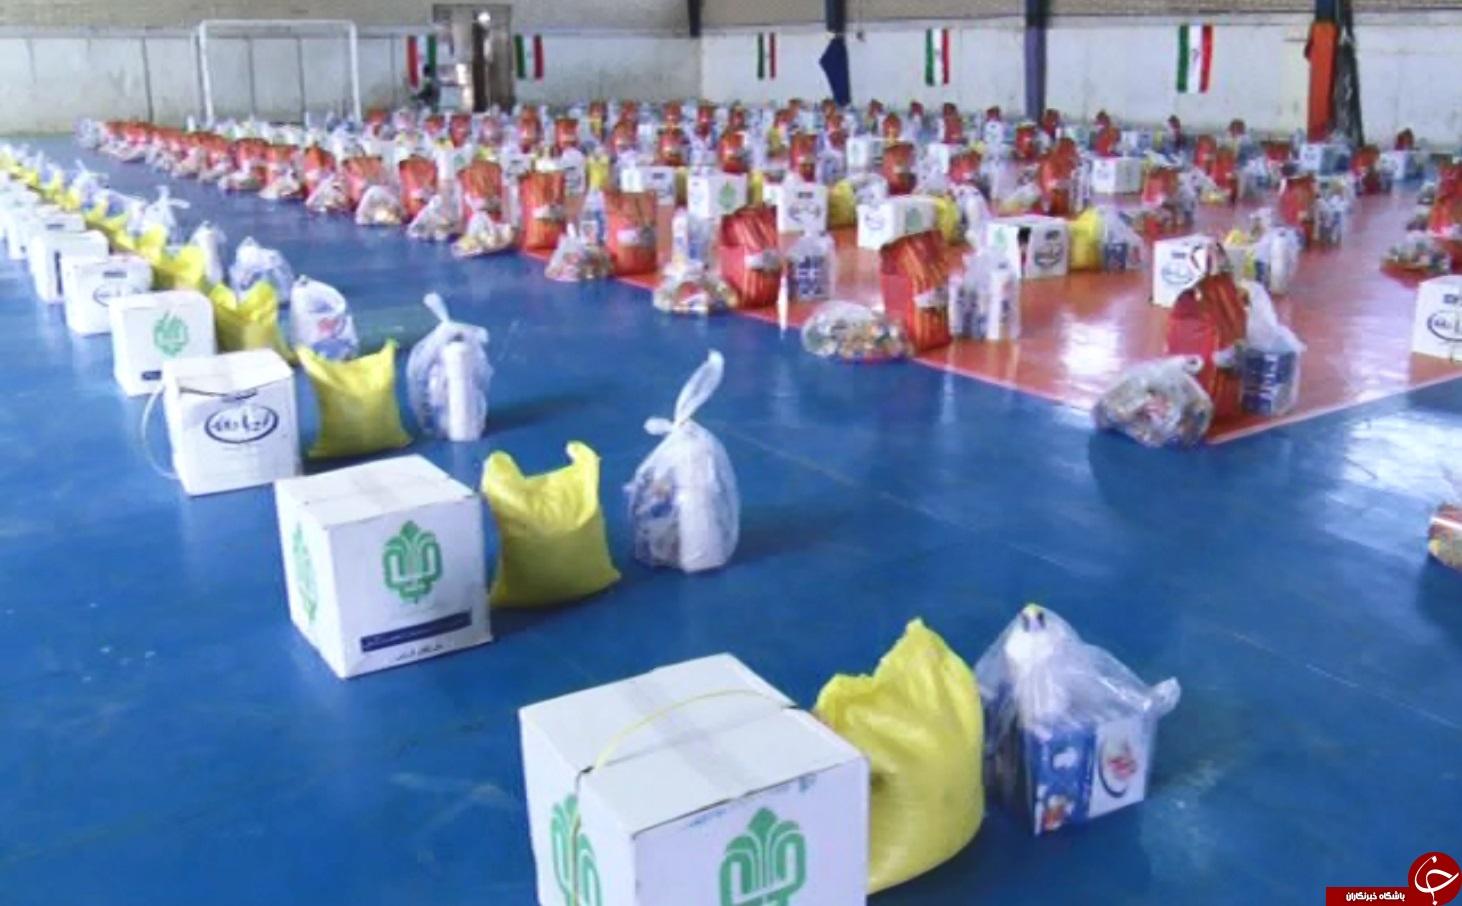 ۷۰۰ بسته حمایتی بین نیازمندان آوه توزیع شد